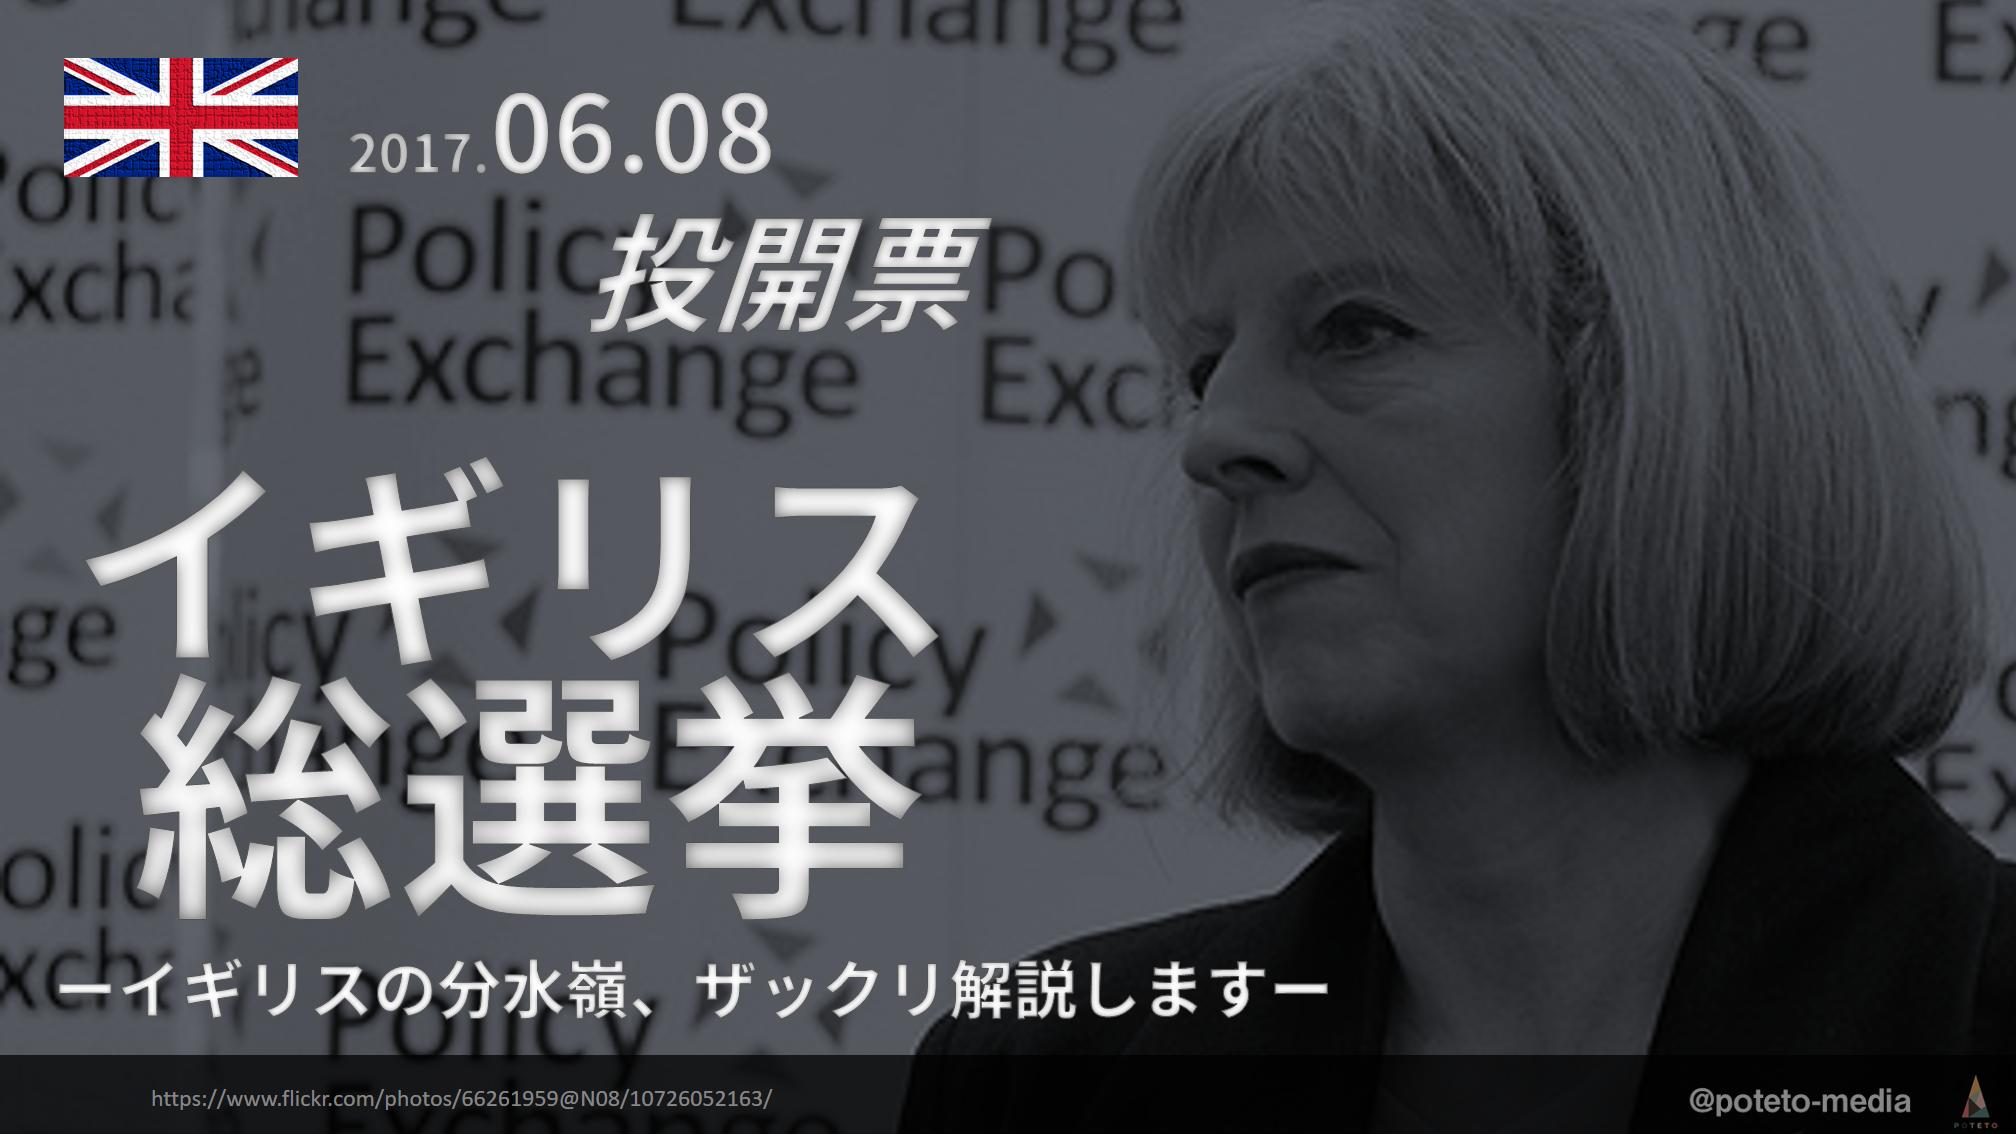 aa679112424a0ca2f71eab15d41b3438 5facea31e7d3b7f491bdd7f5bda2030f 1 - イギリス総選挙 「ザックリ」解説